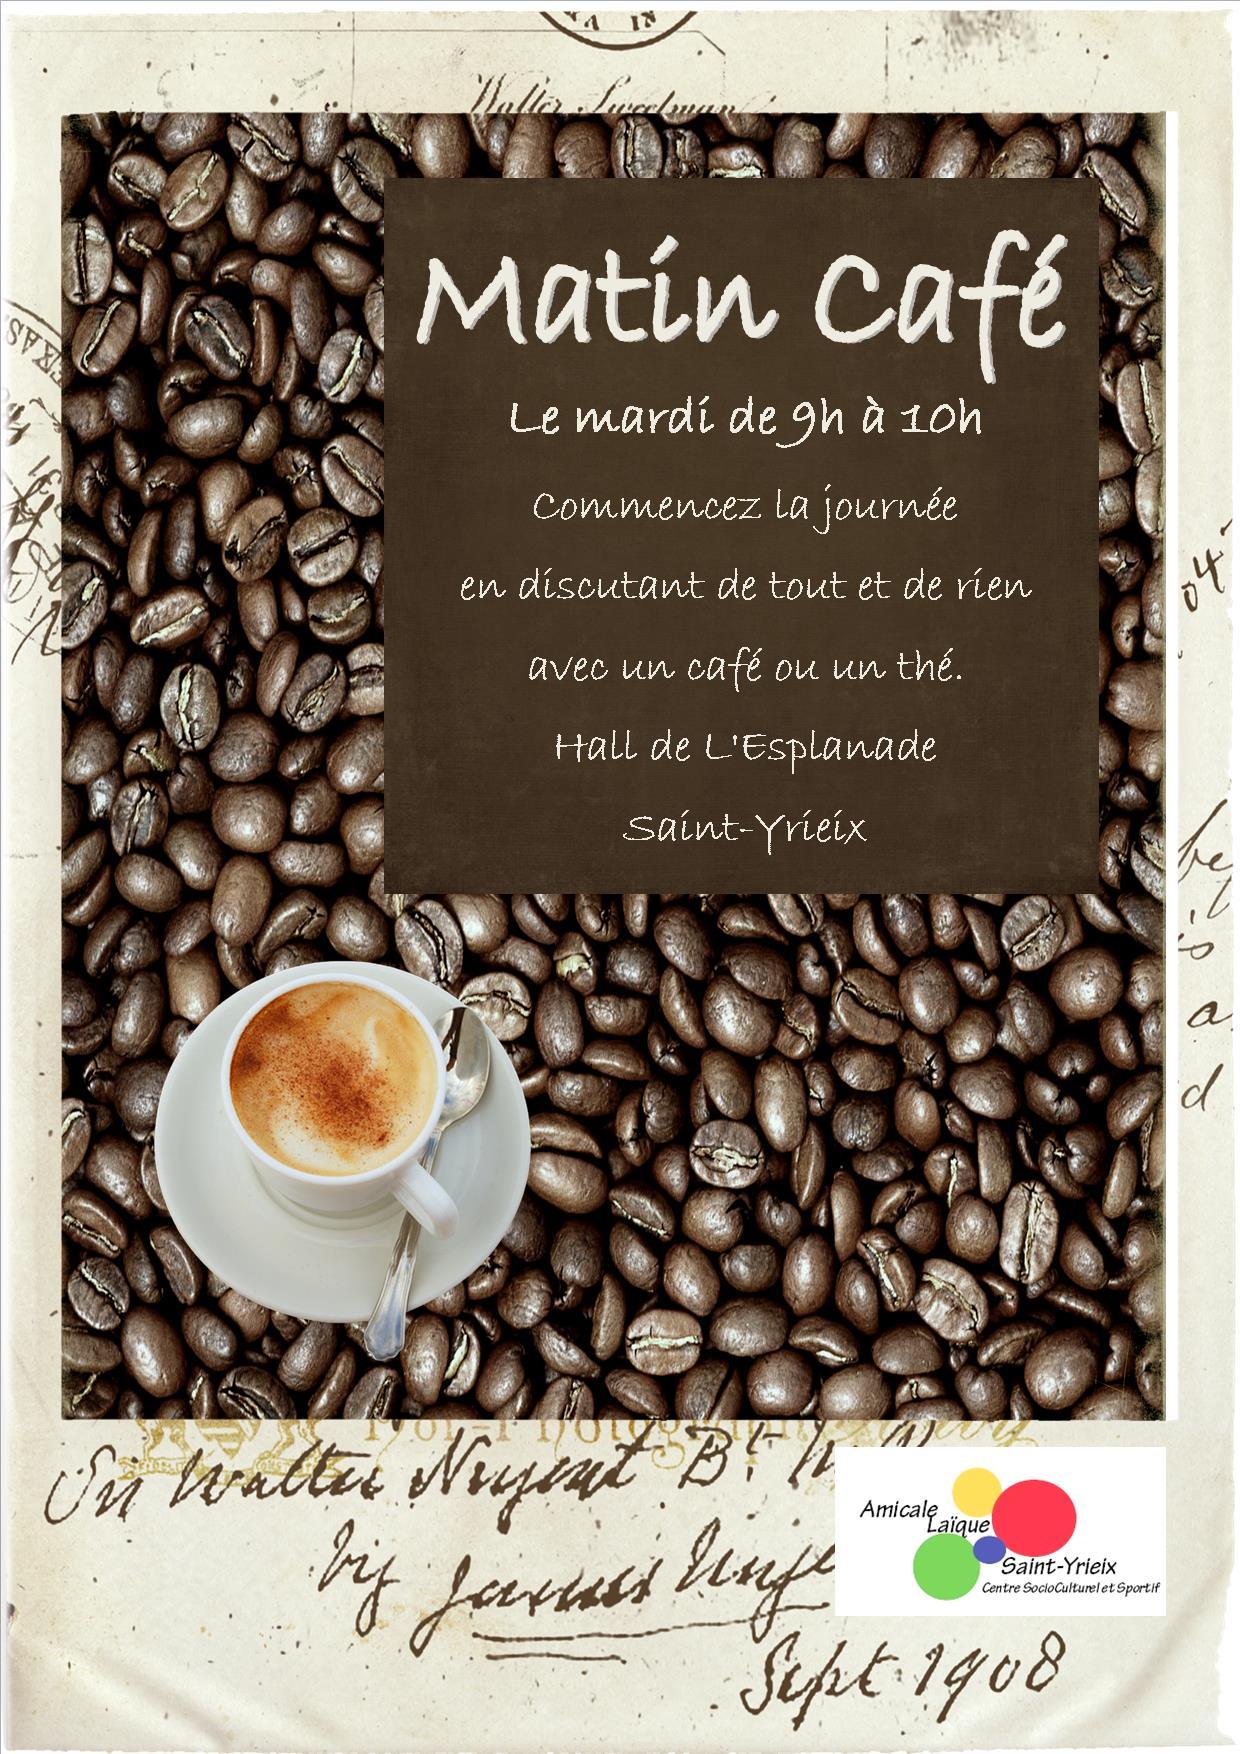 matin_cafe